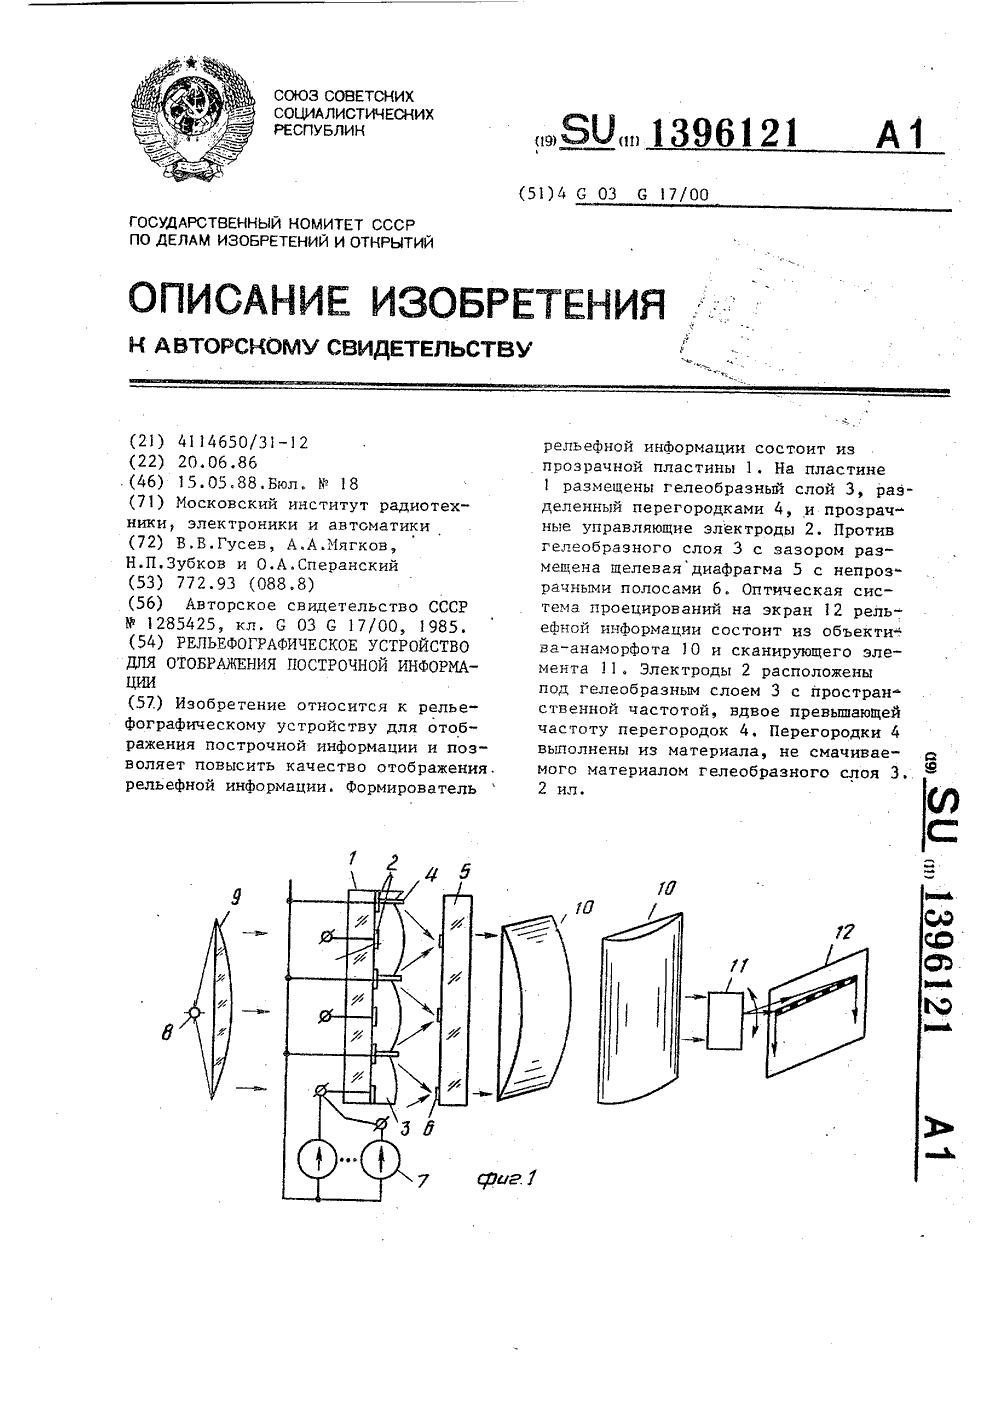 схема управления шаговым двигателем на am2168